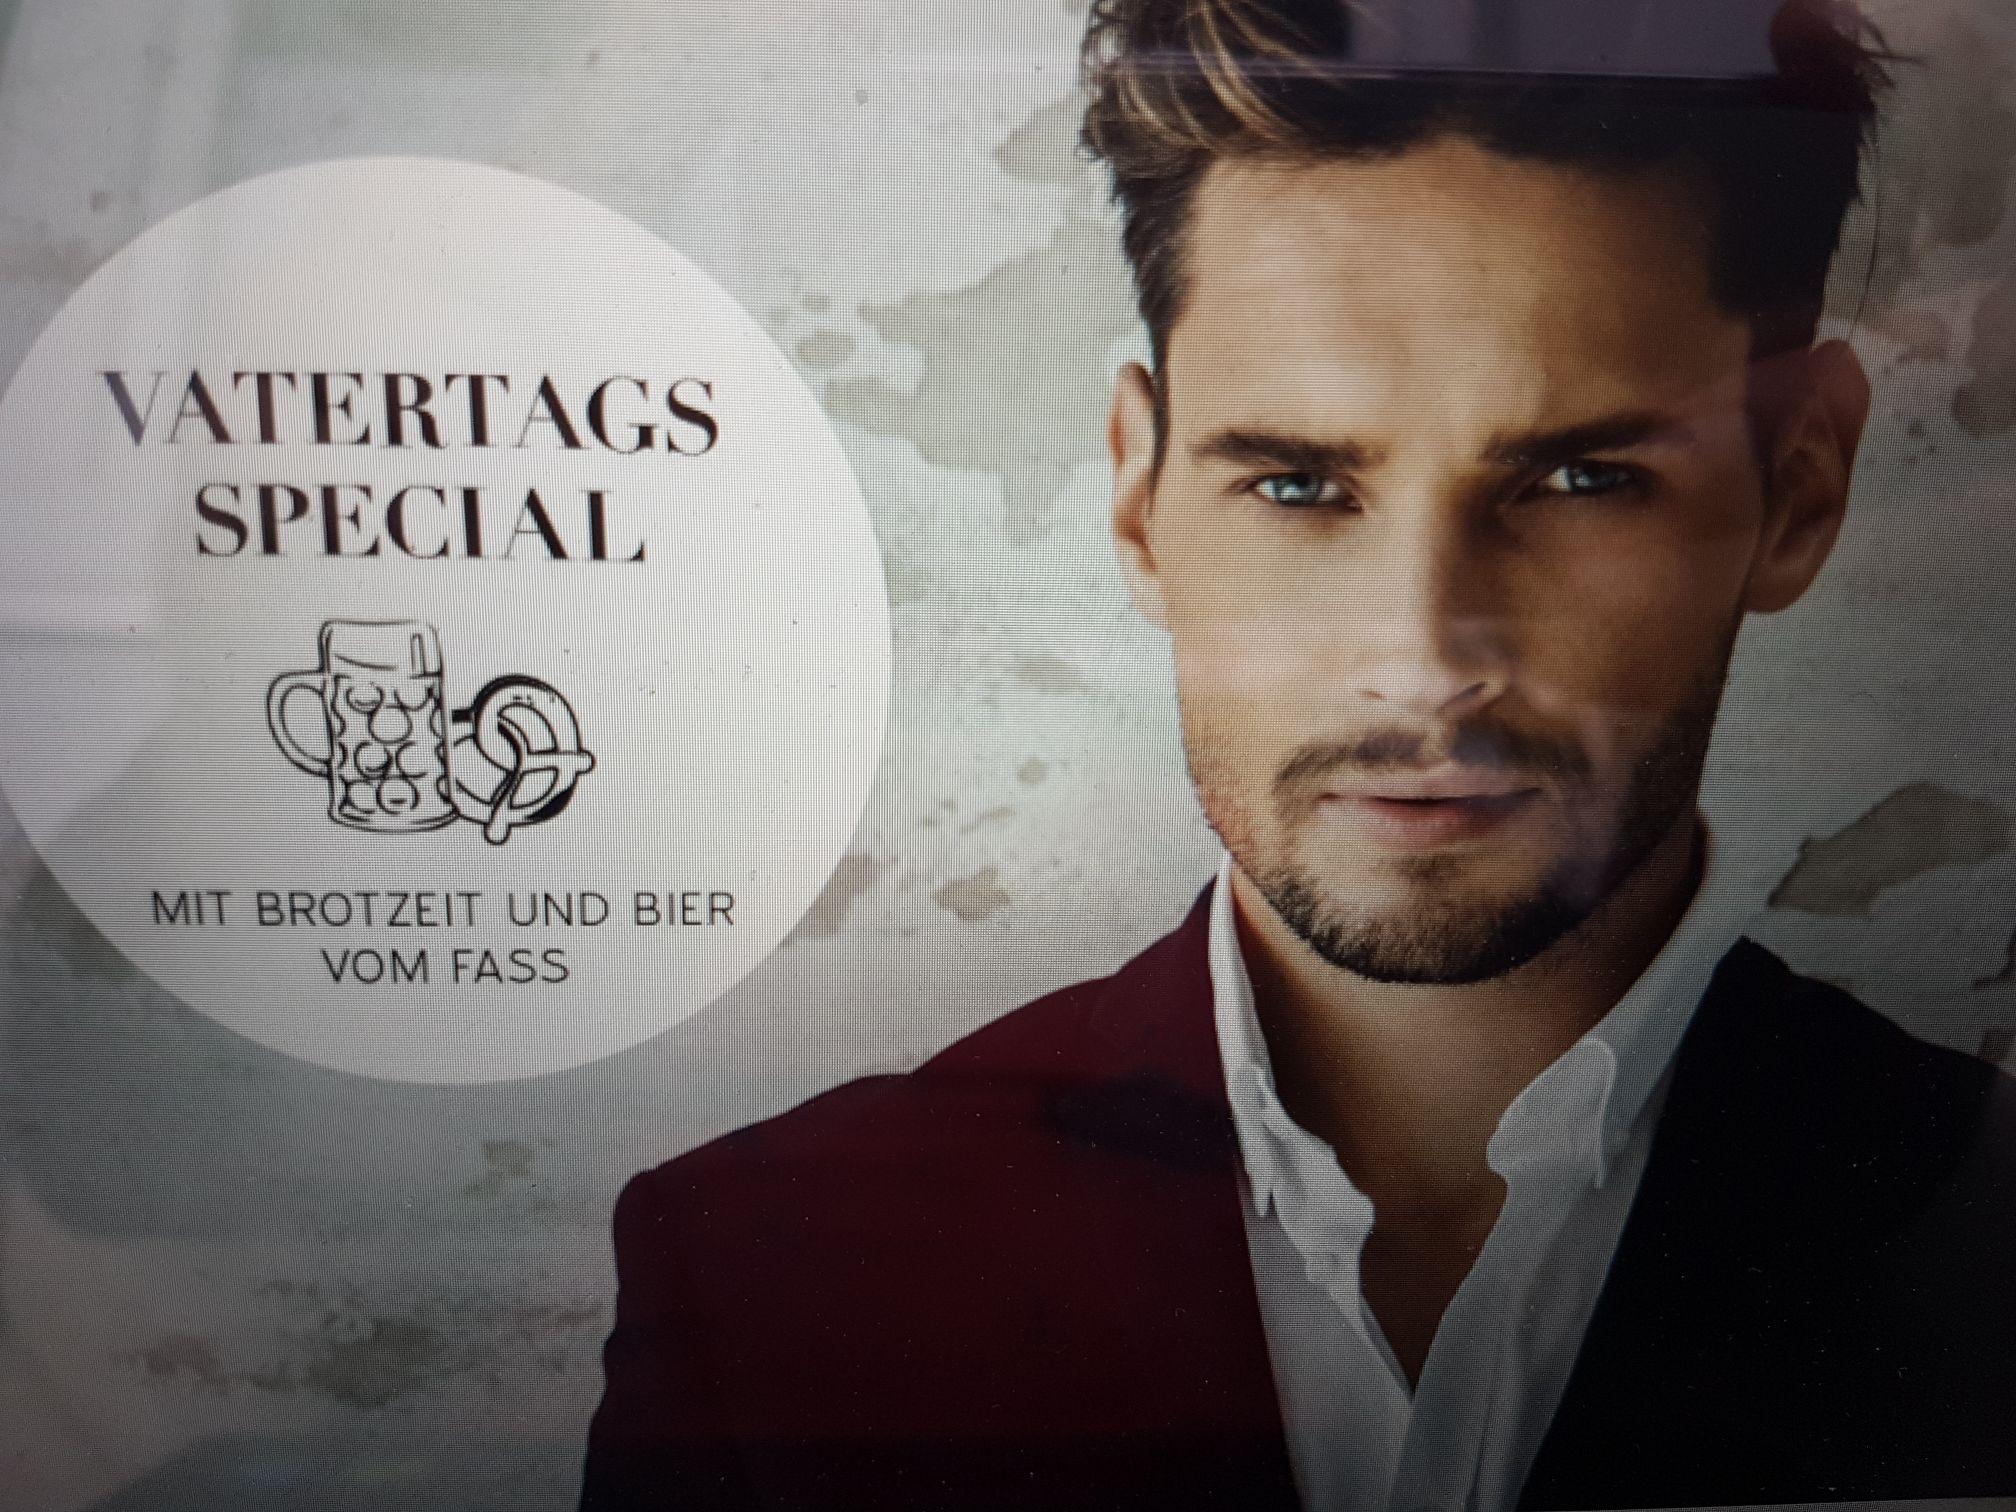 [München, 24.5] Gratis: Bier & Brotzeit bei Schustermann & Borenstein